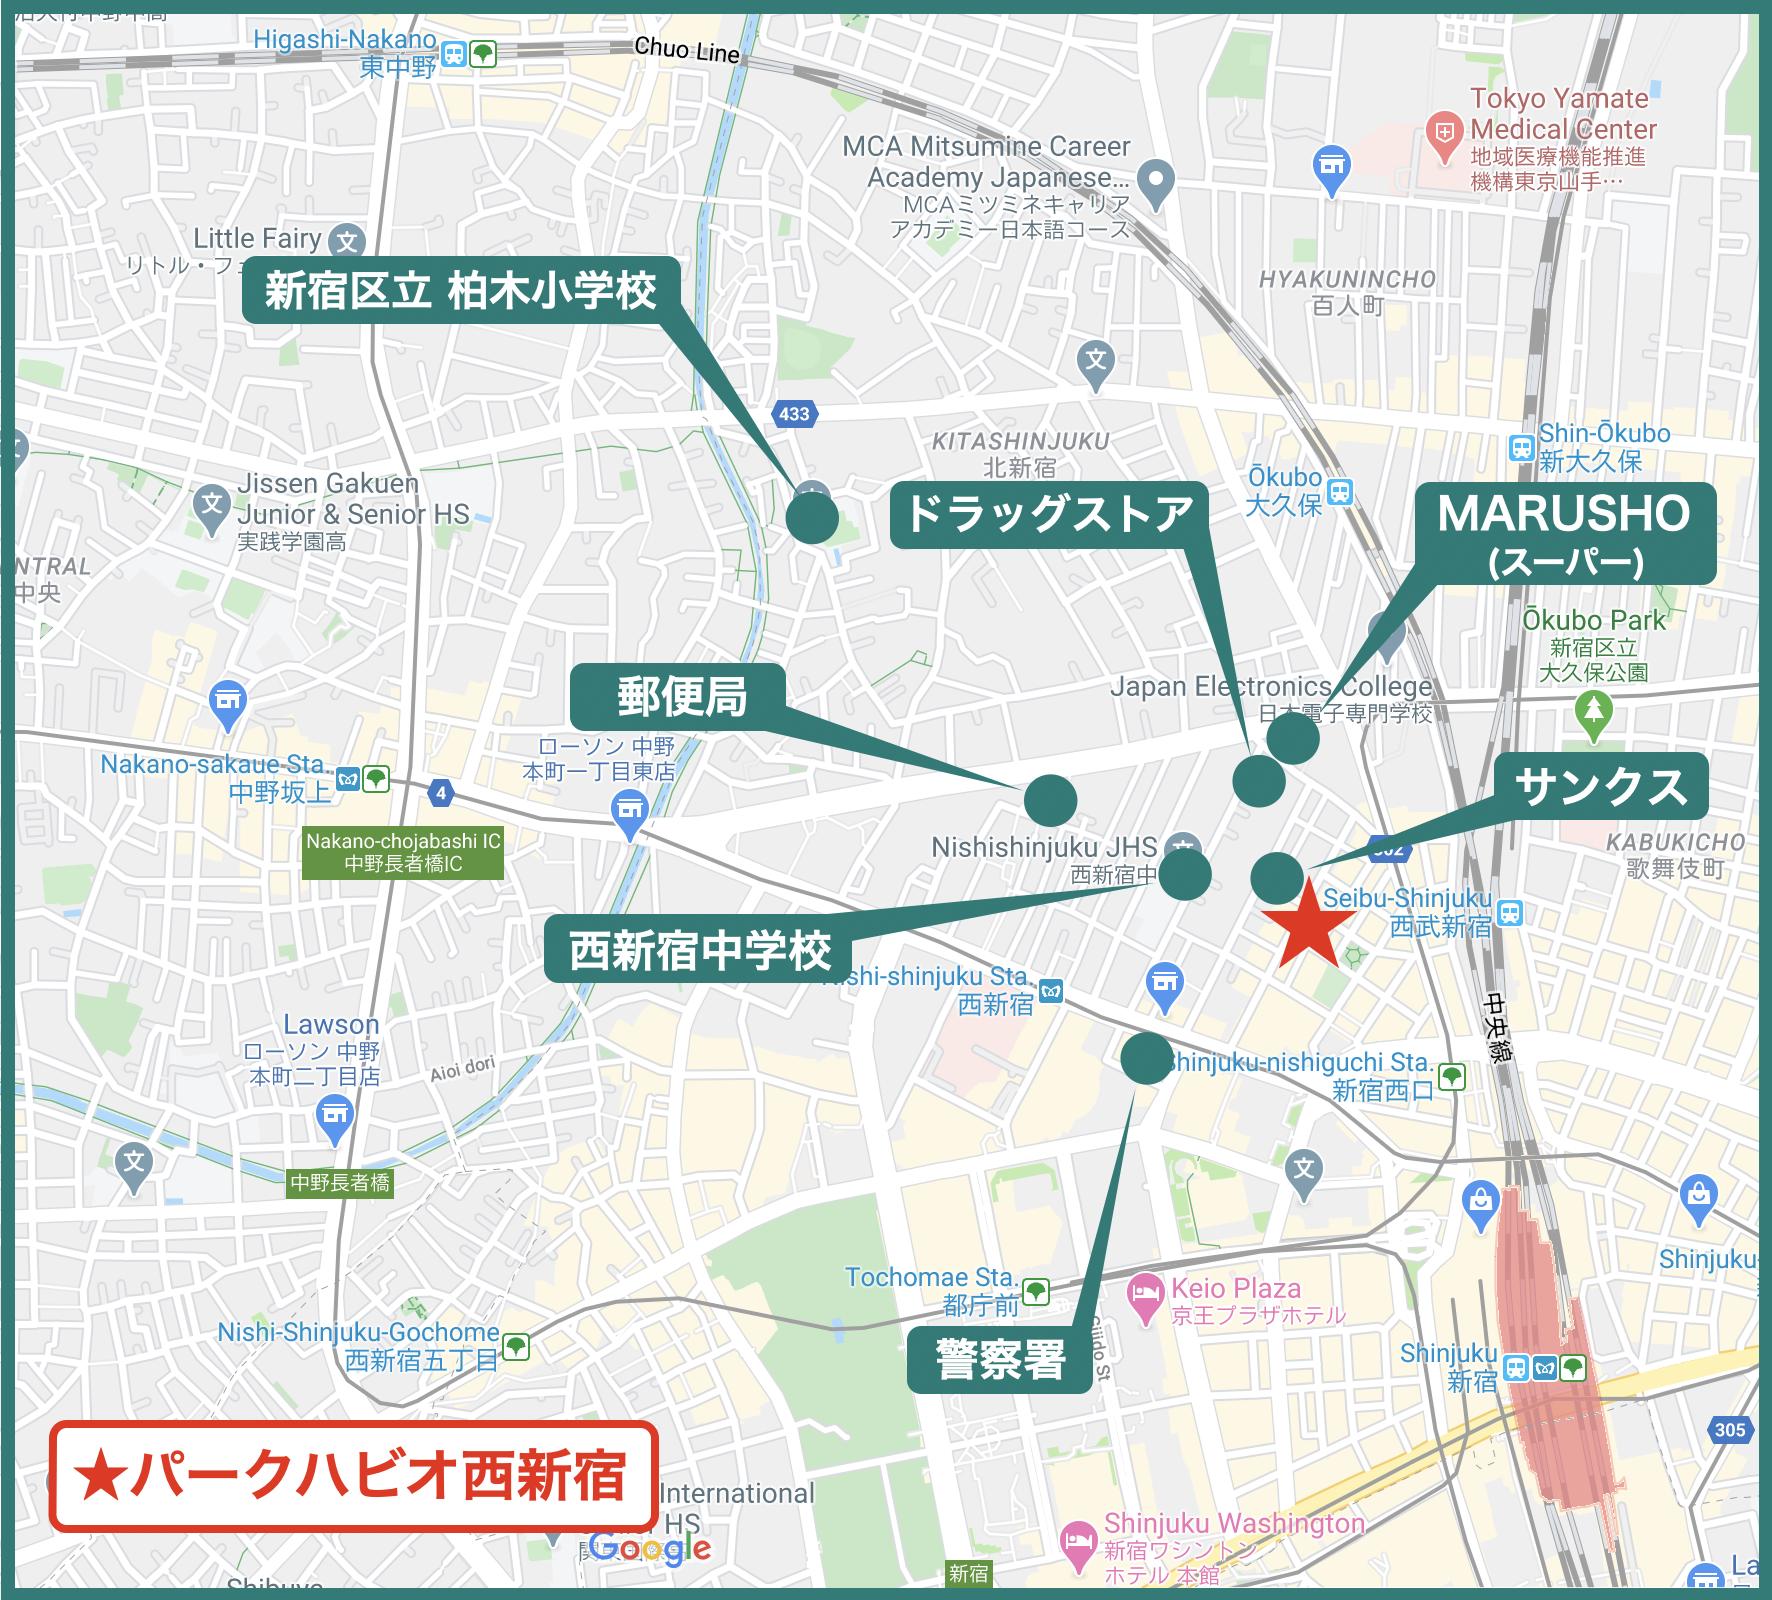 パークハビオ西新宿の周辺施設